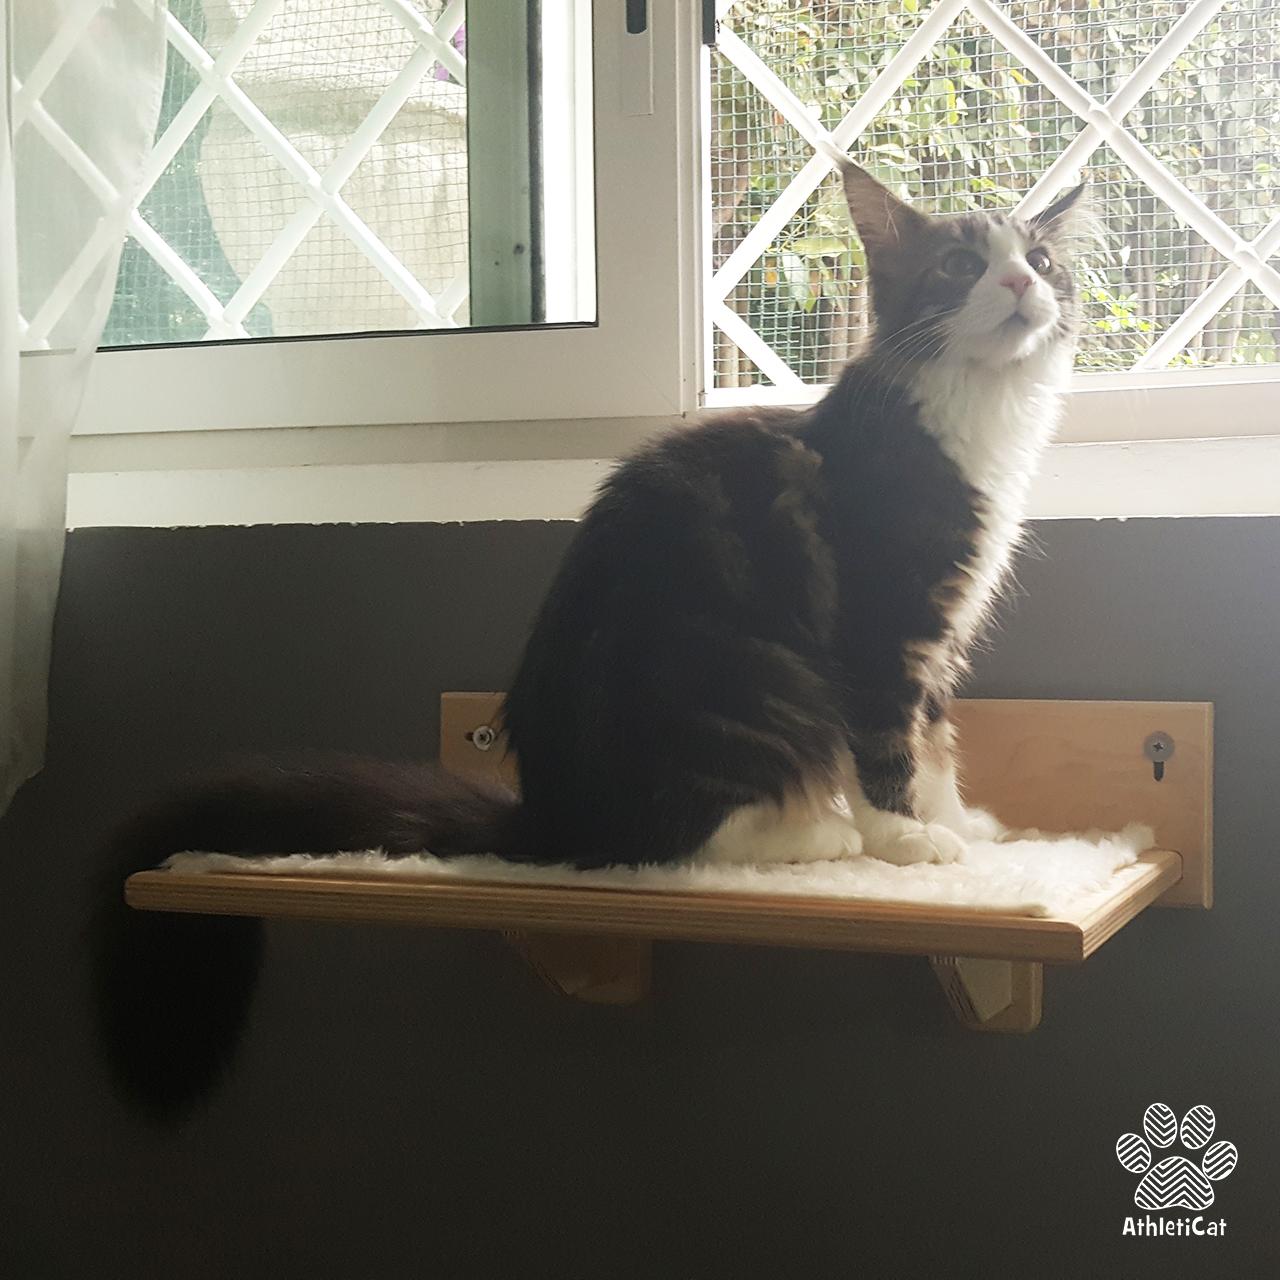 Arredamento-per-gatti-athleticat-4